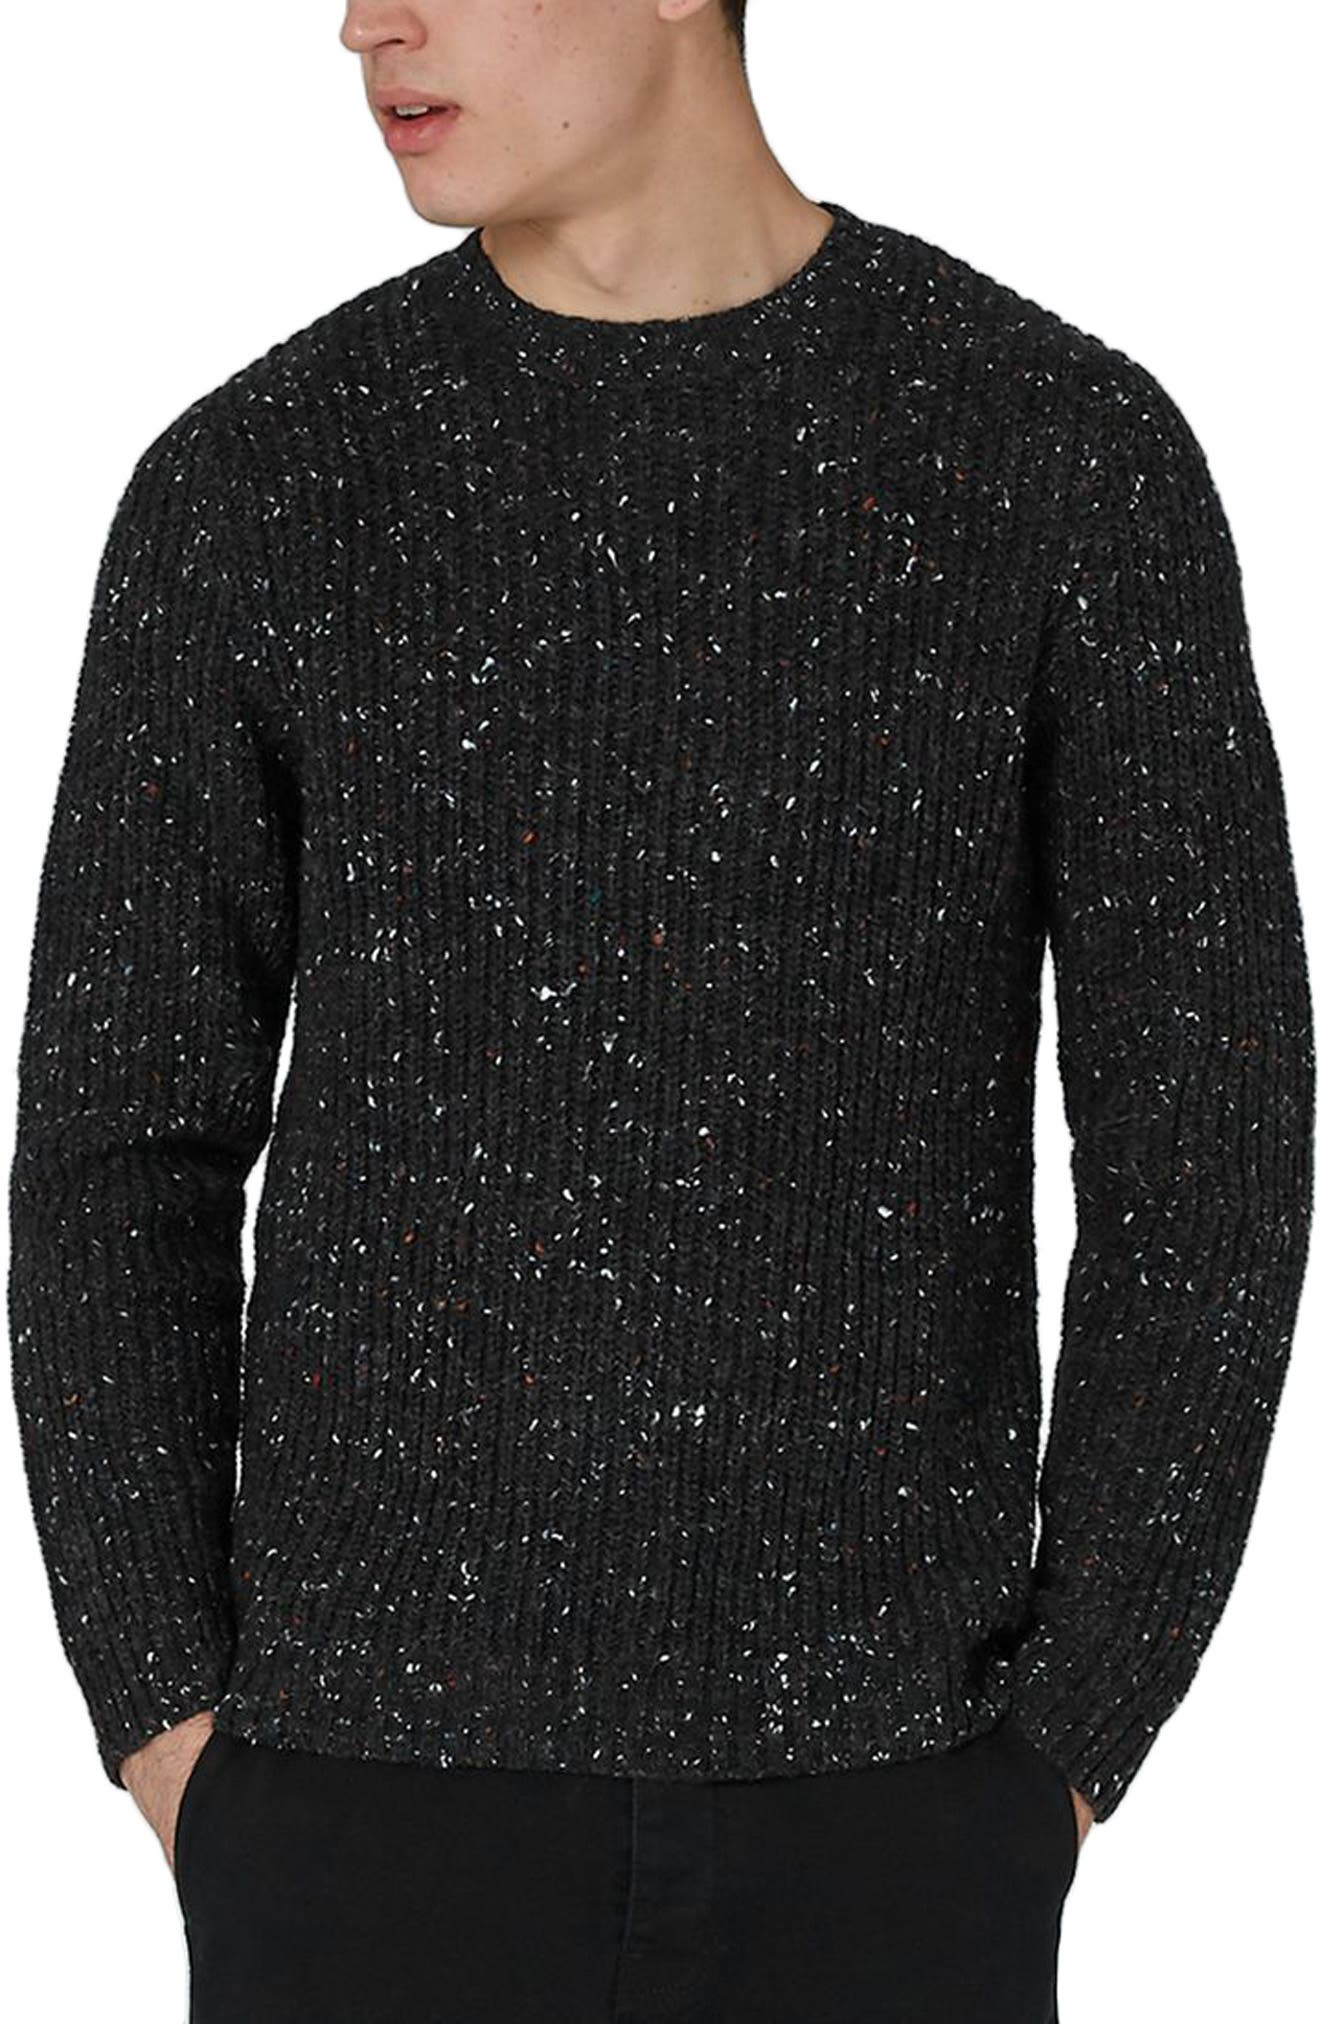 Alternate Image 1 Selected - Topman Premium Fisherman Sweater